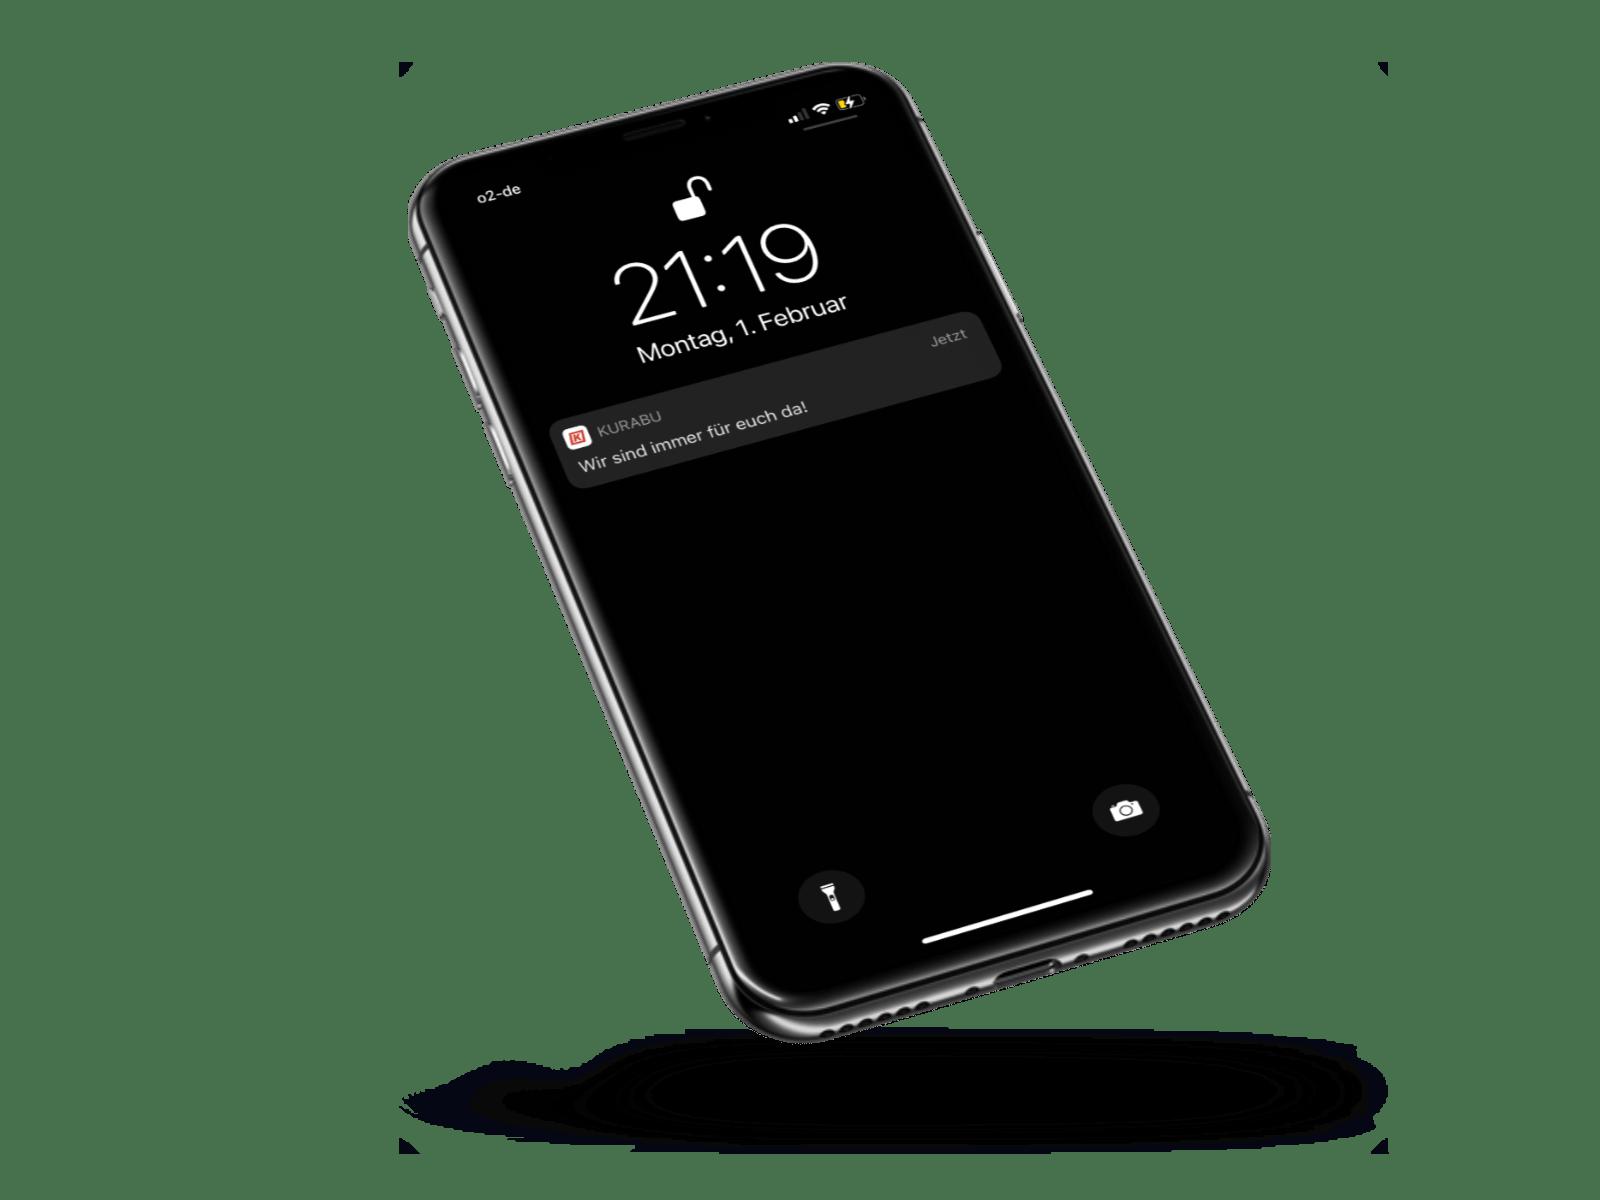 Ein gesperrtes Handy zeigt an, dass der Verein eine neue Push-Nachricht geschickt hat.